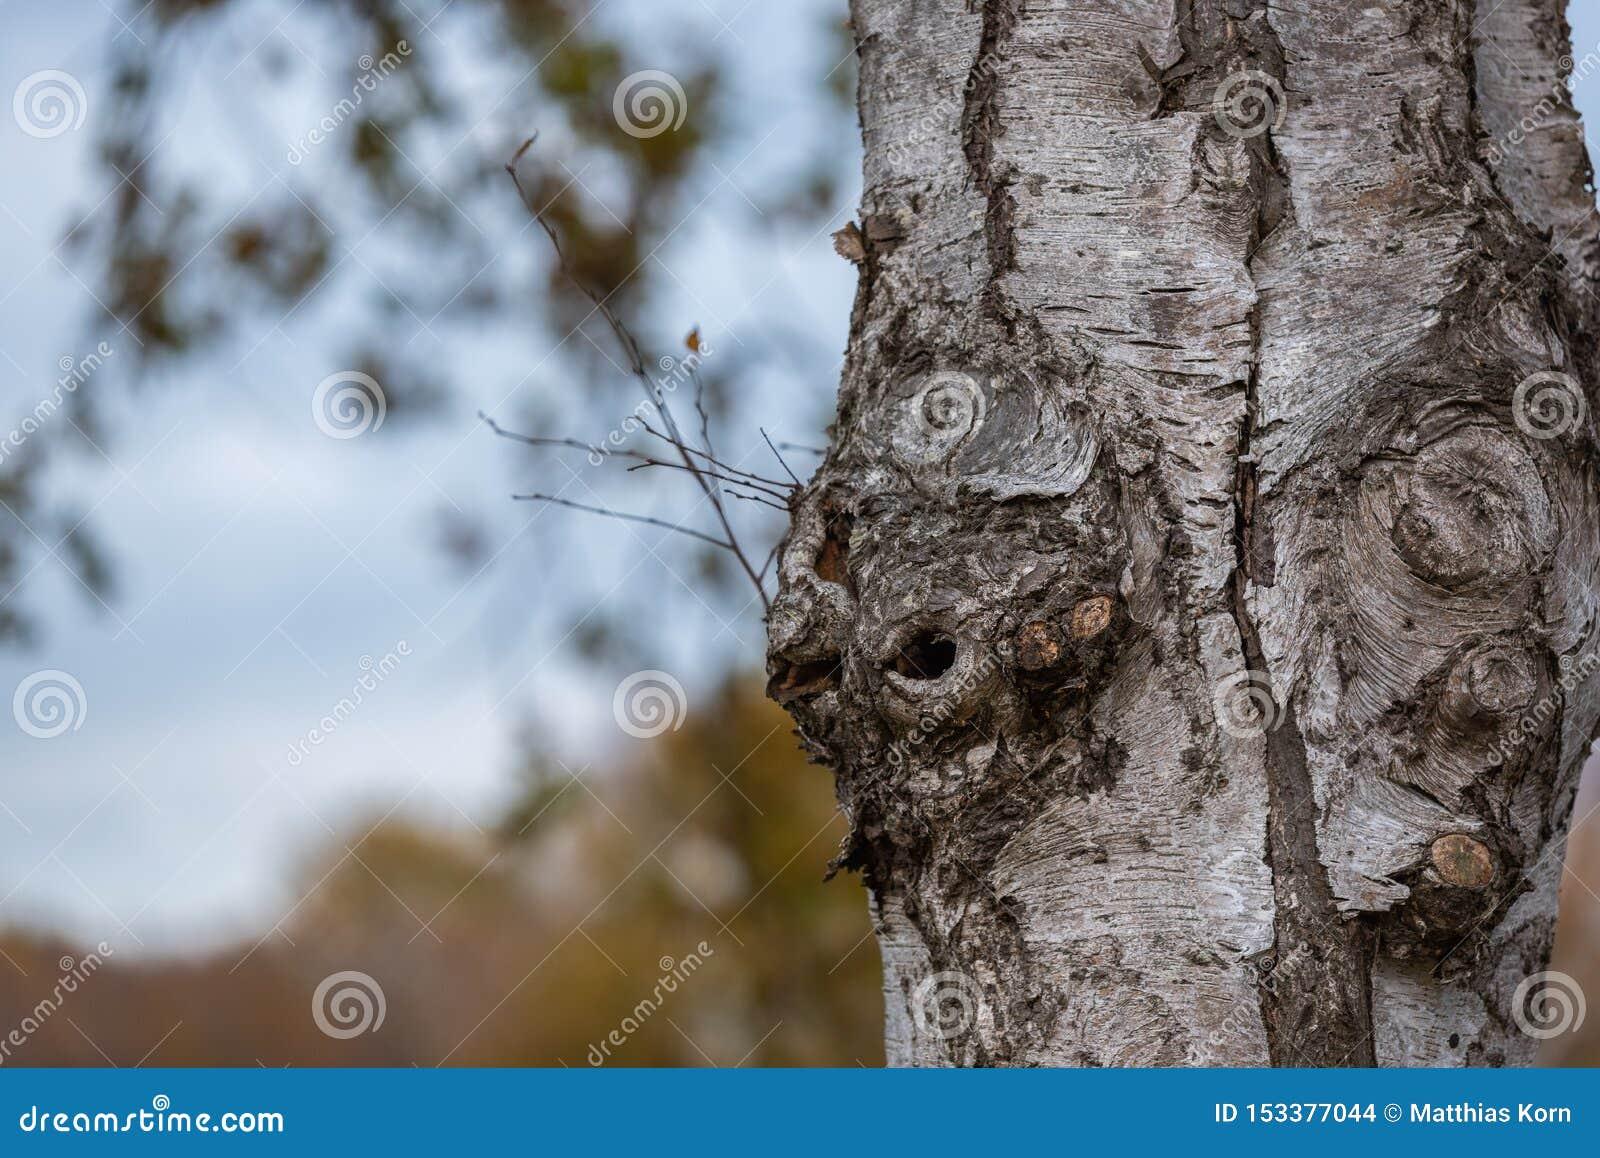 O foco principal está em árvores em situações diferentes